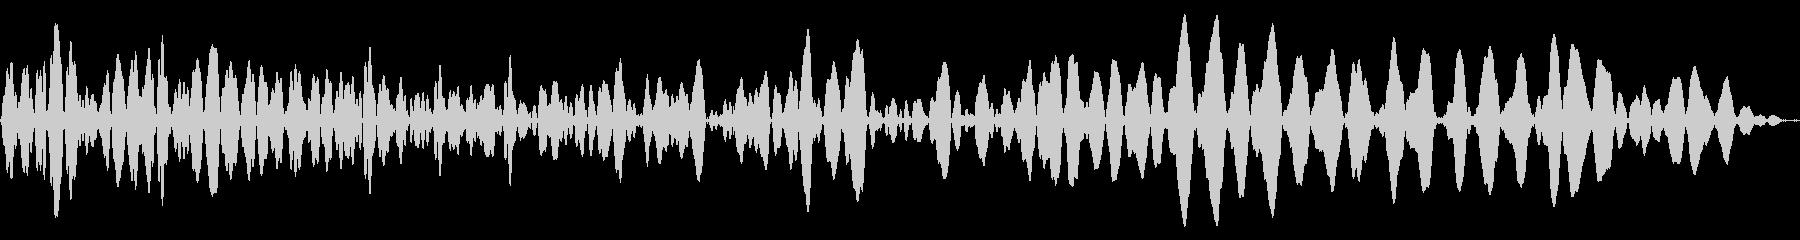 メニュー画面音(ウインドウ,決定等)14の未再生の波形